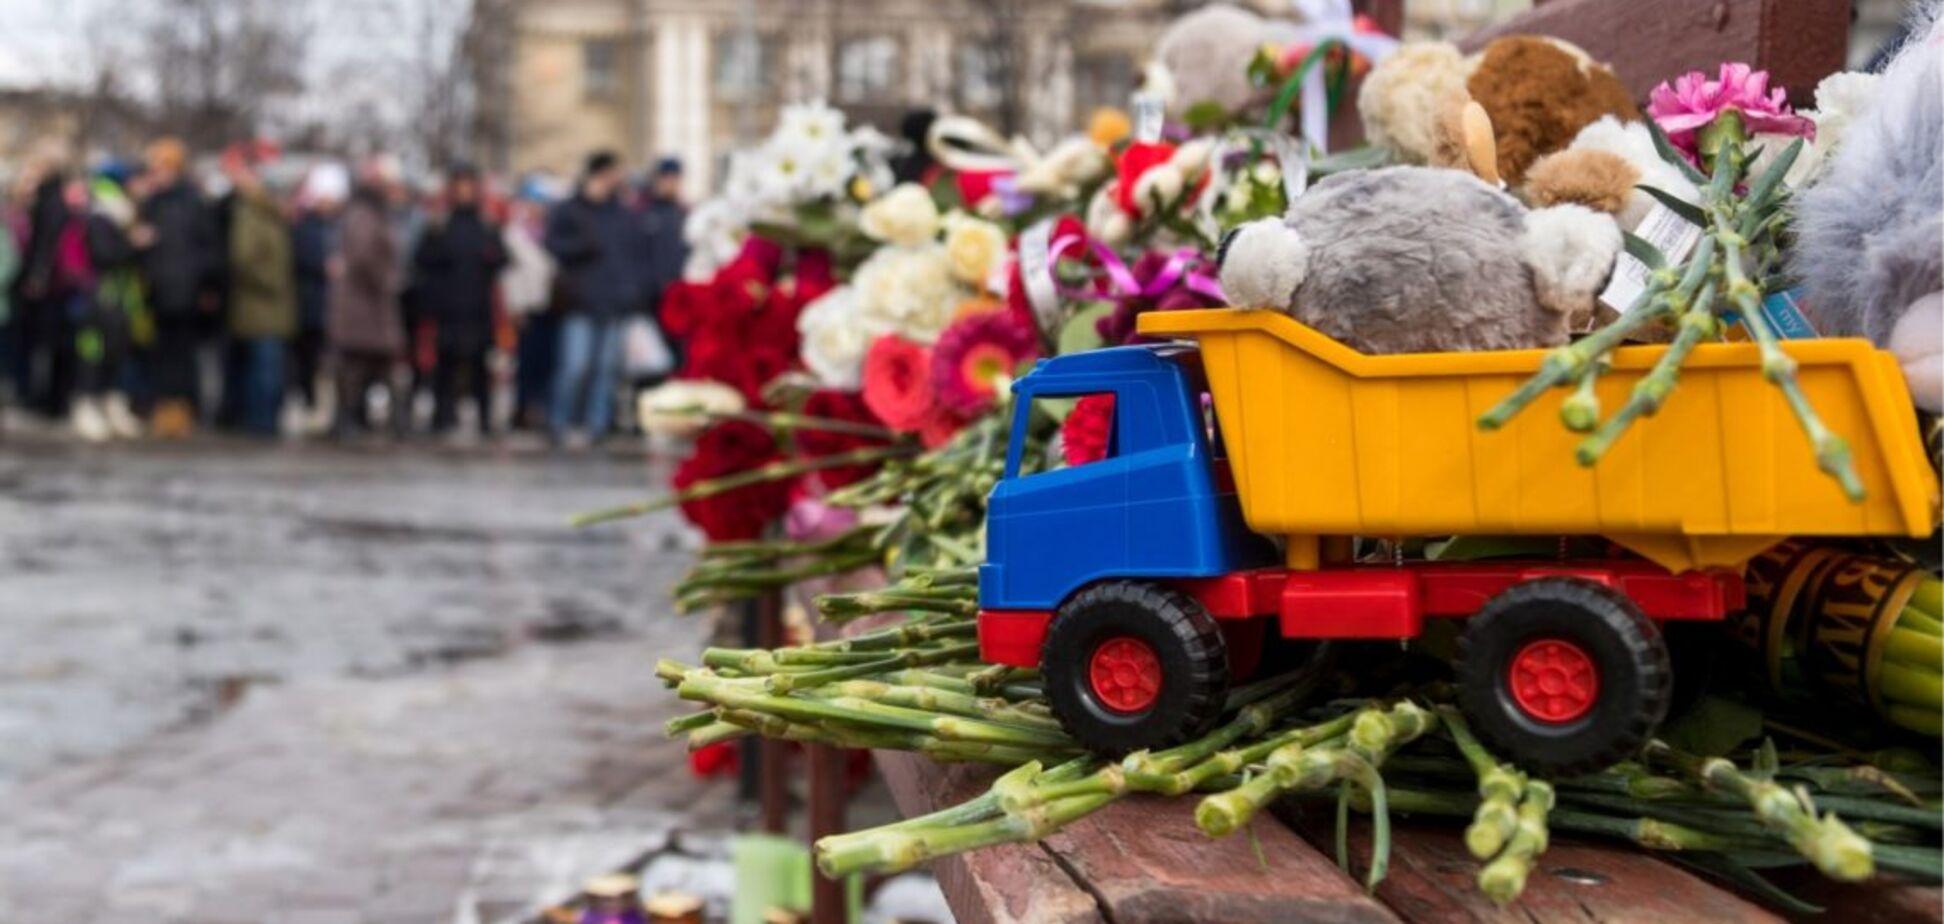 'Кровавый навет' в Кемерово: 'органы' поразила слепота на антисемитизм